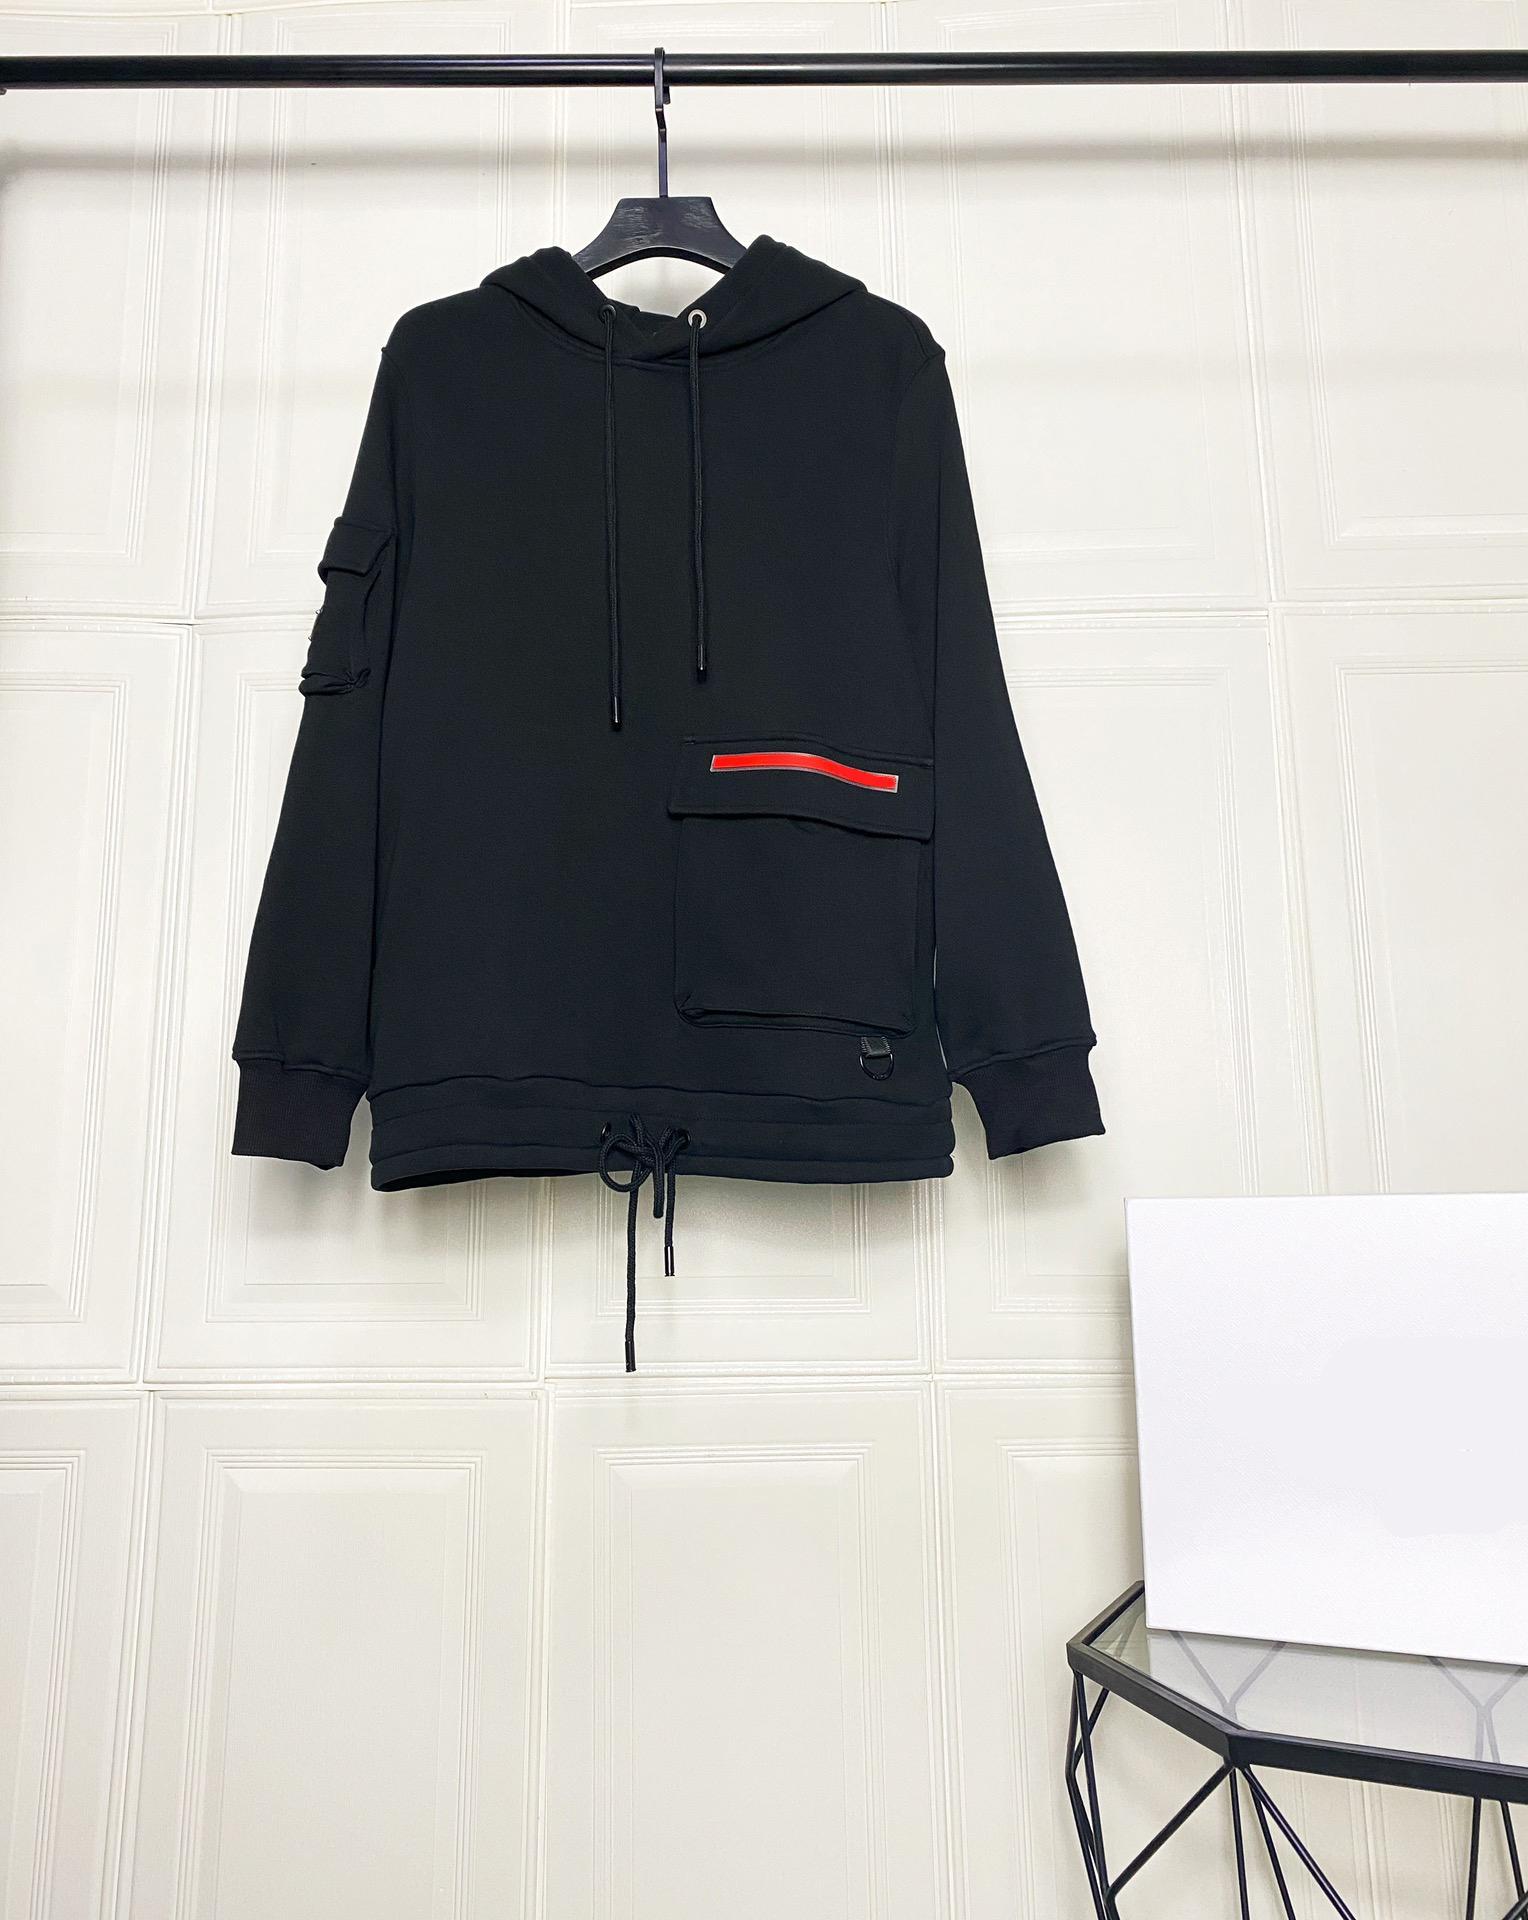 20ss hiver Nouvelle mode Sweat-shirt de luxe pour hommes Sweat à sweat à capuche classique coutures de poche rouge en caoutchouc rouge broderie space coton tissu capuche